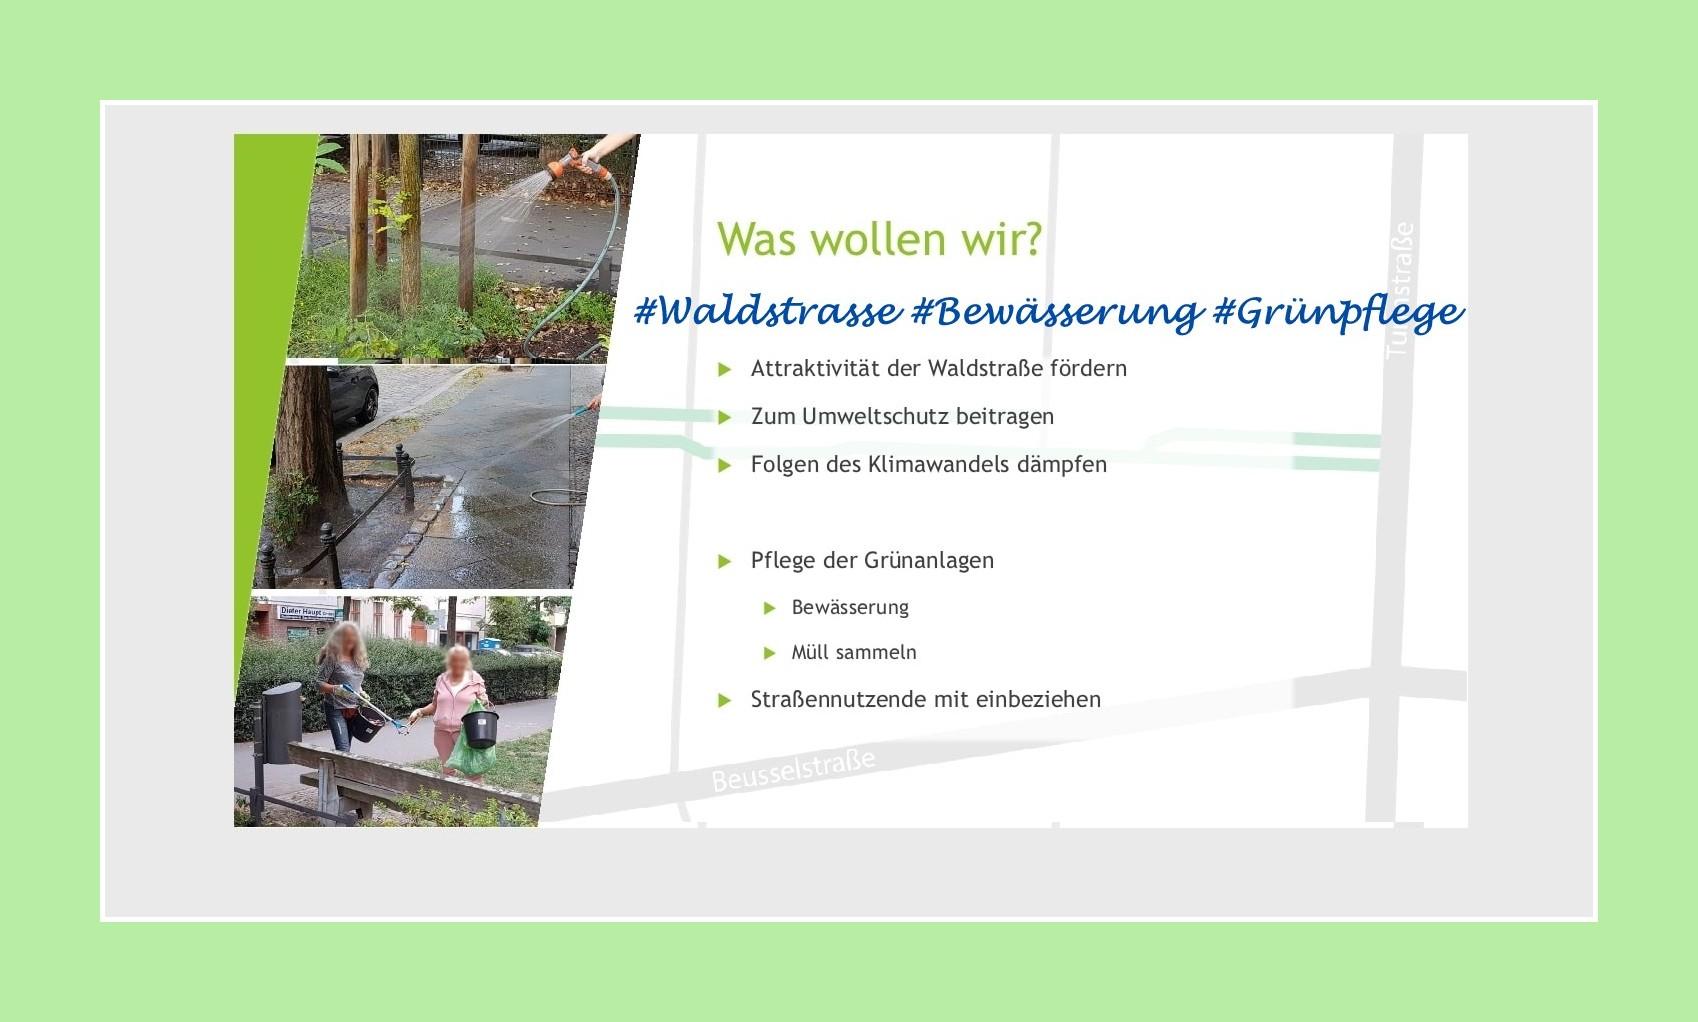 Moabit-Waldstraßen-Initiative (Berlin)